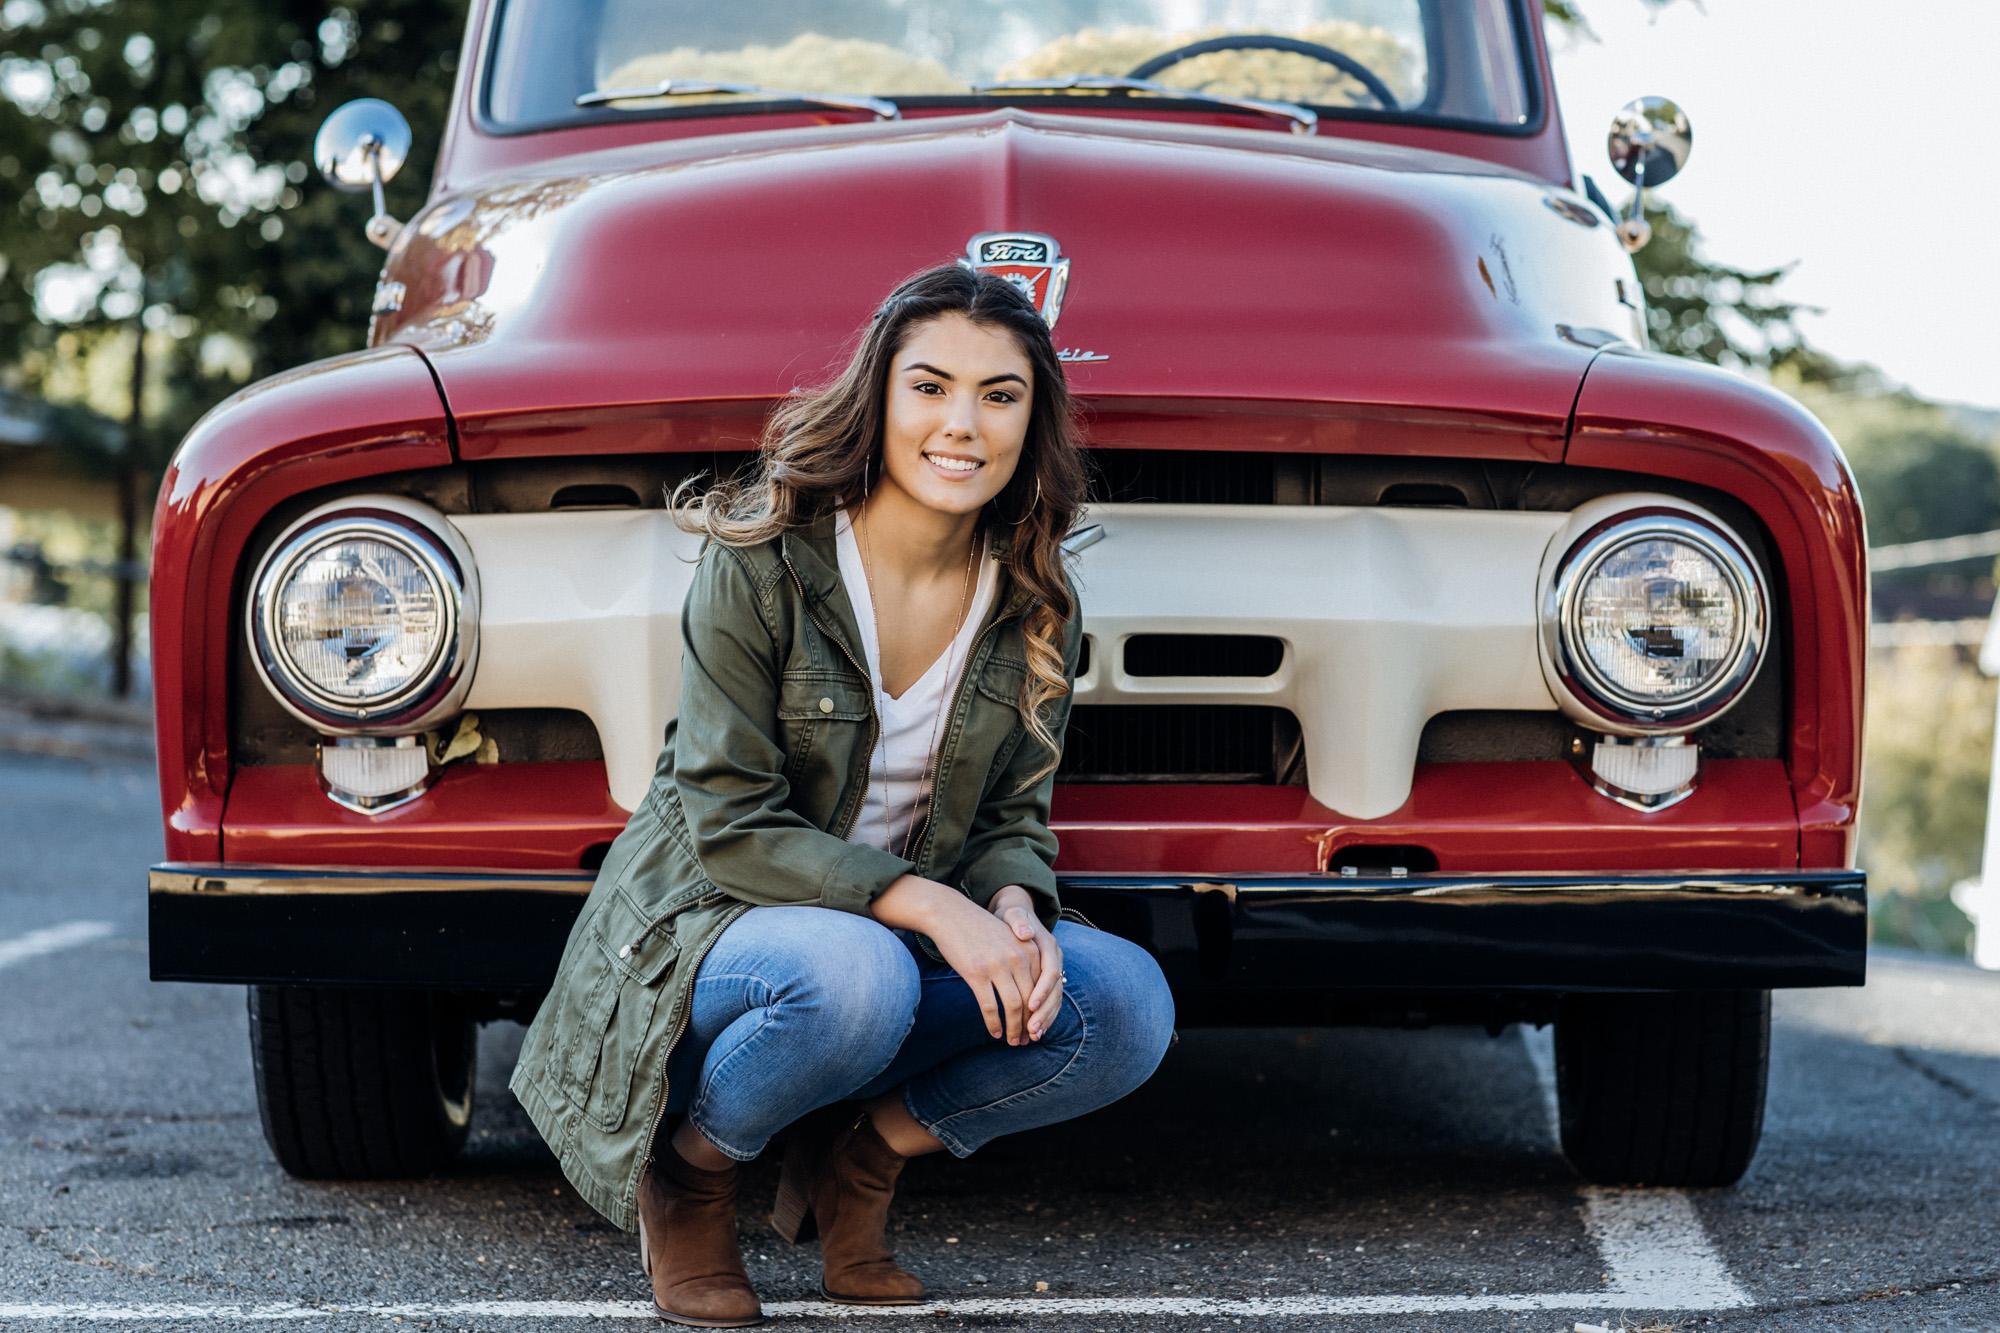 girl kneeling in front of old truck for senior portraits in warrantor Virginia